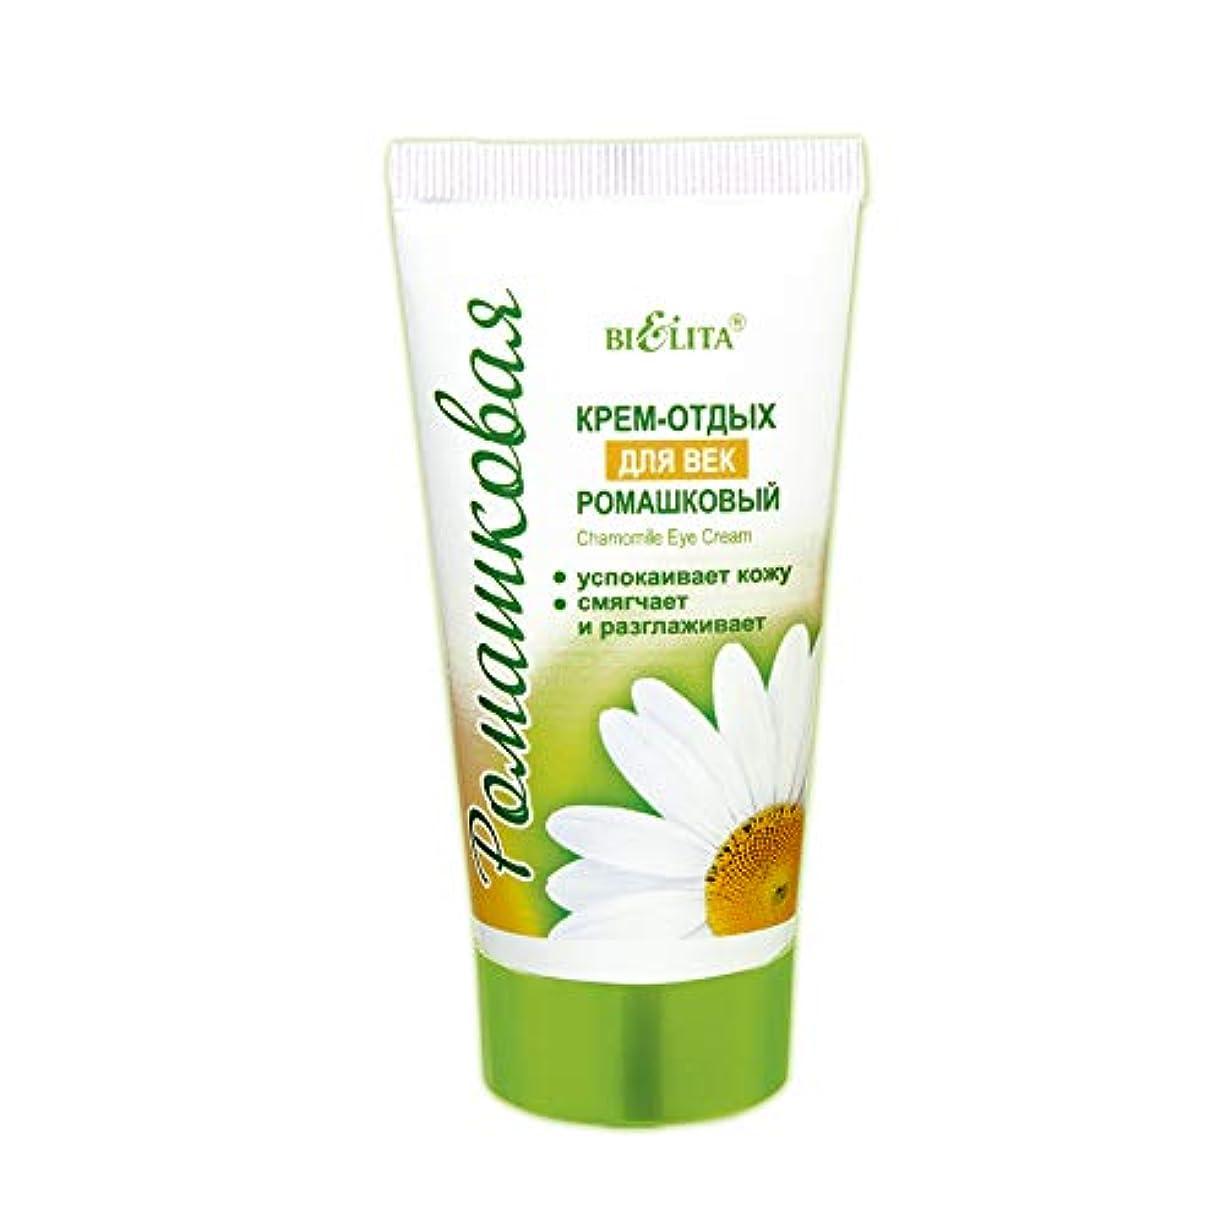 Bielita & Vitex Chamomile Line| Relaxing Eye Cream for All Skin Type, 30 ml | Chamomile, Allantoin, Sesame Oil...